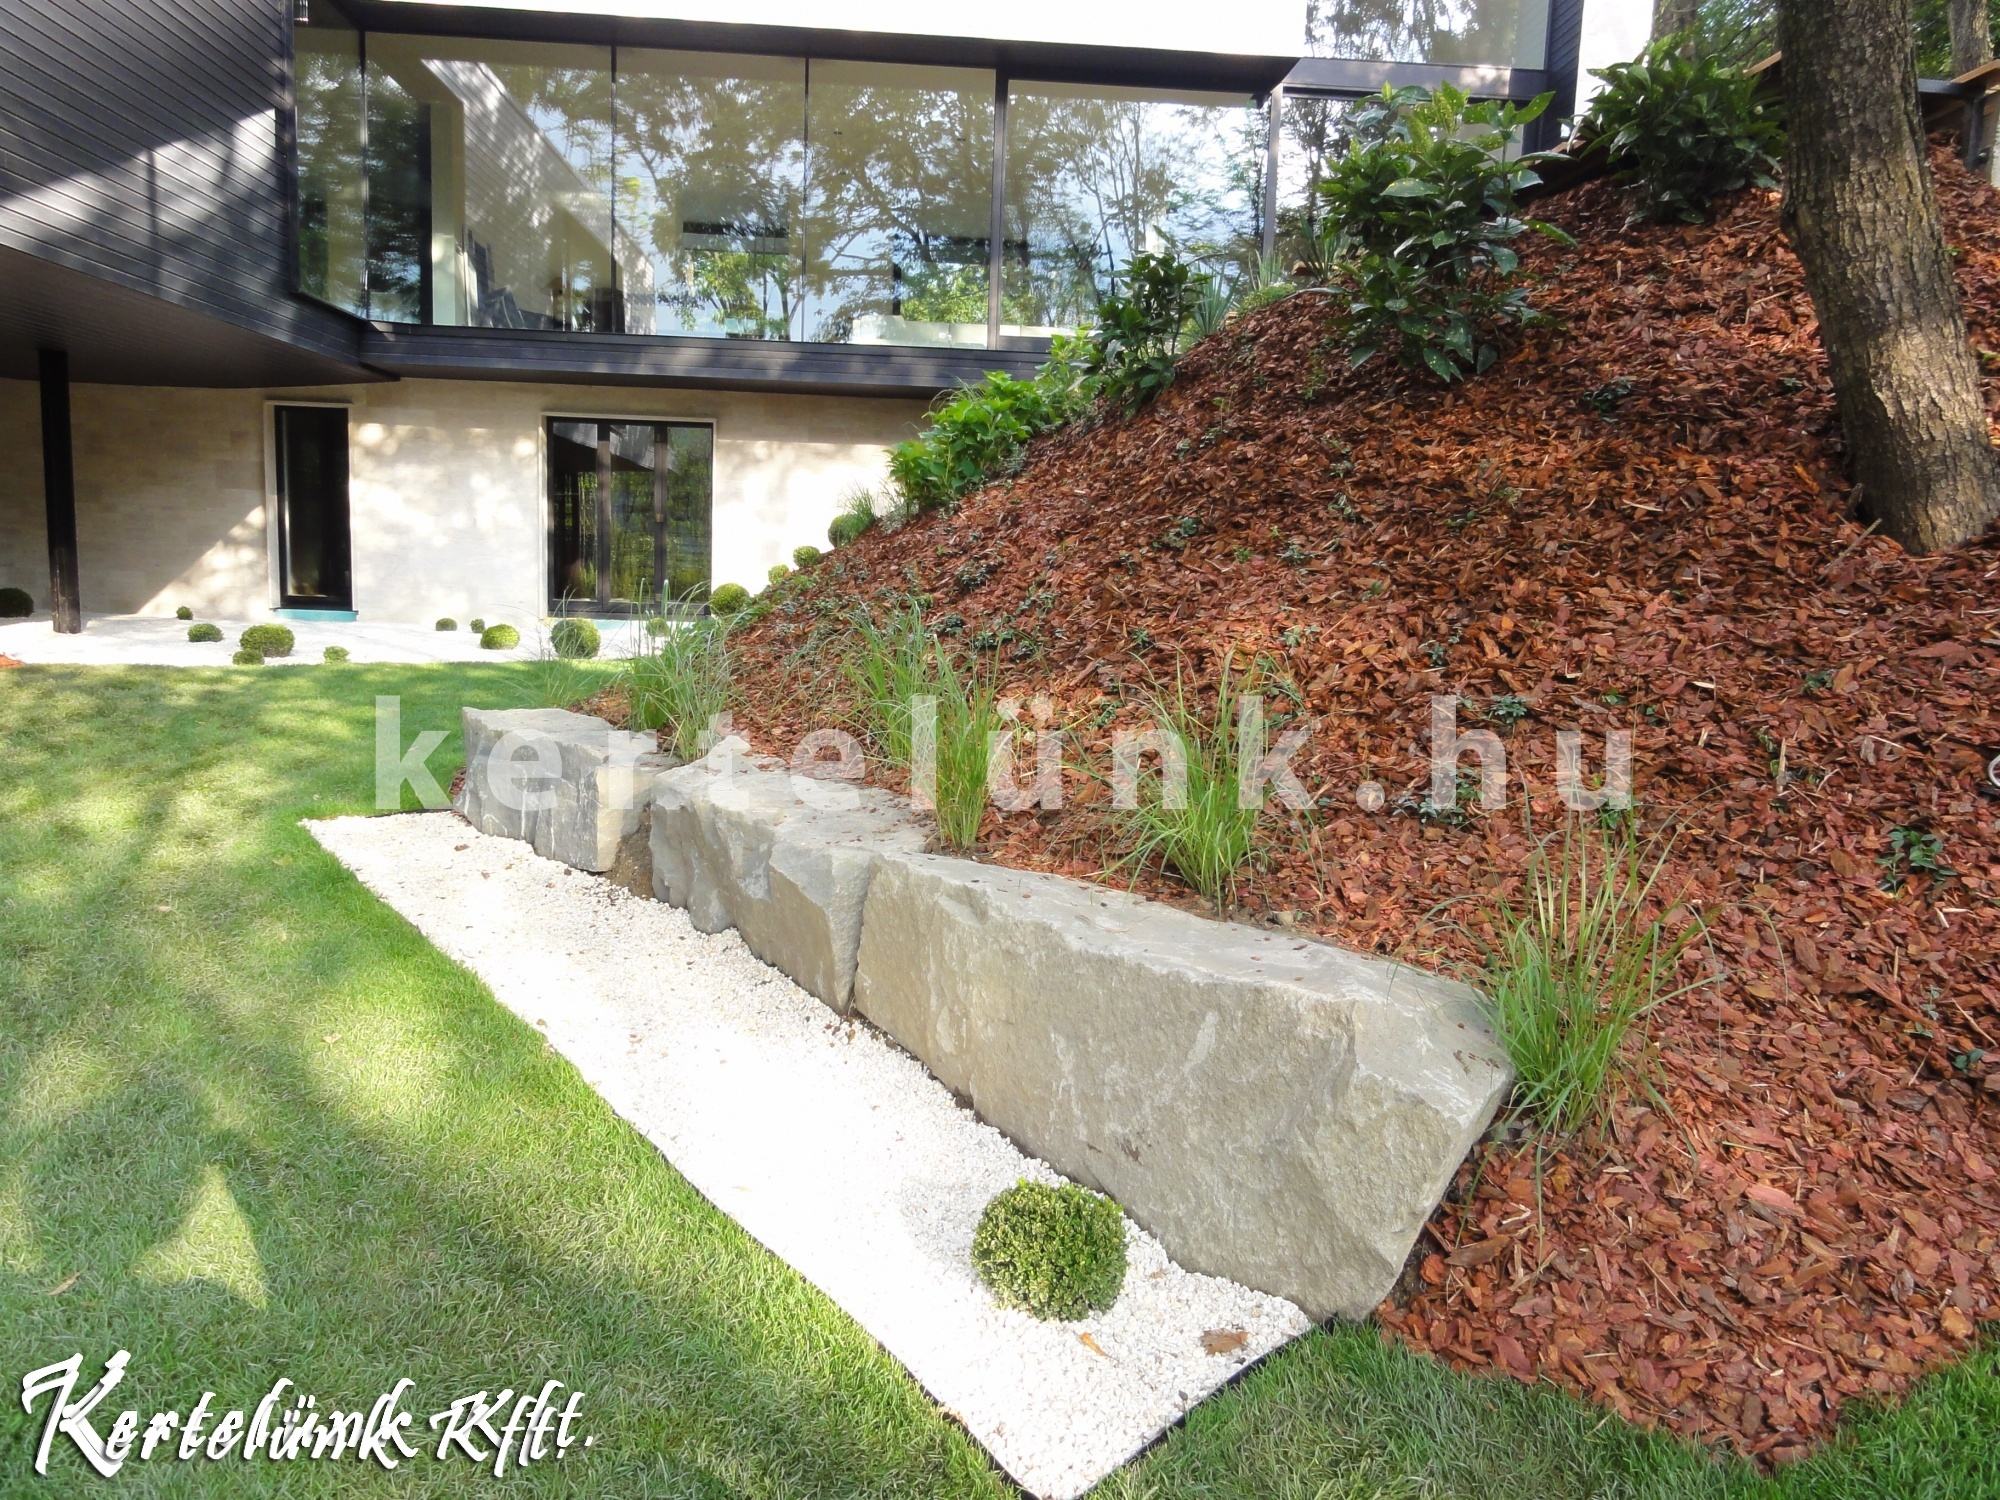 Lejtős kert részlet egy budai ház oldalában.